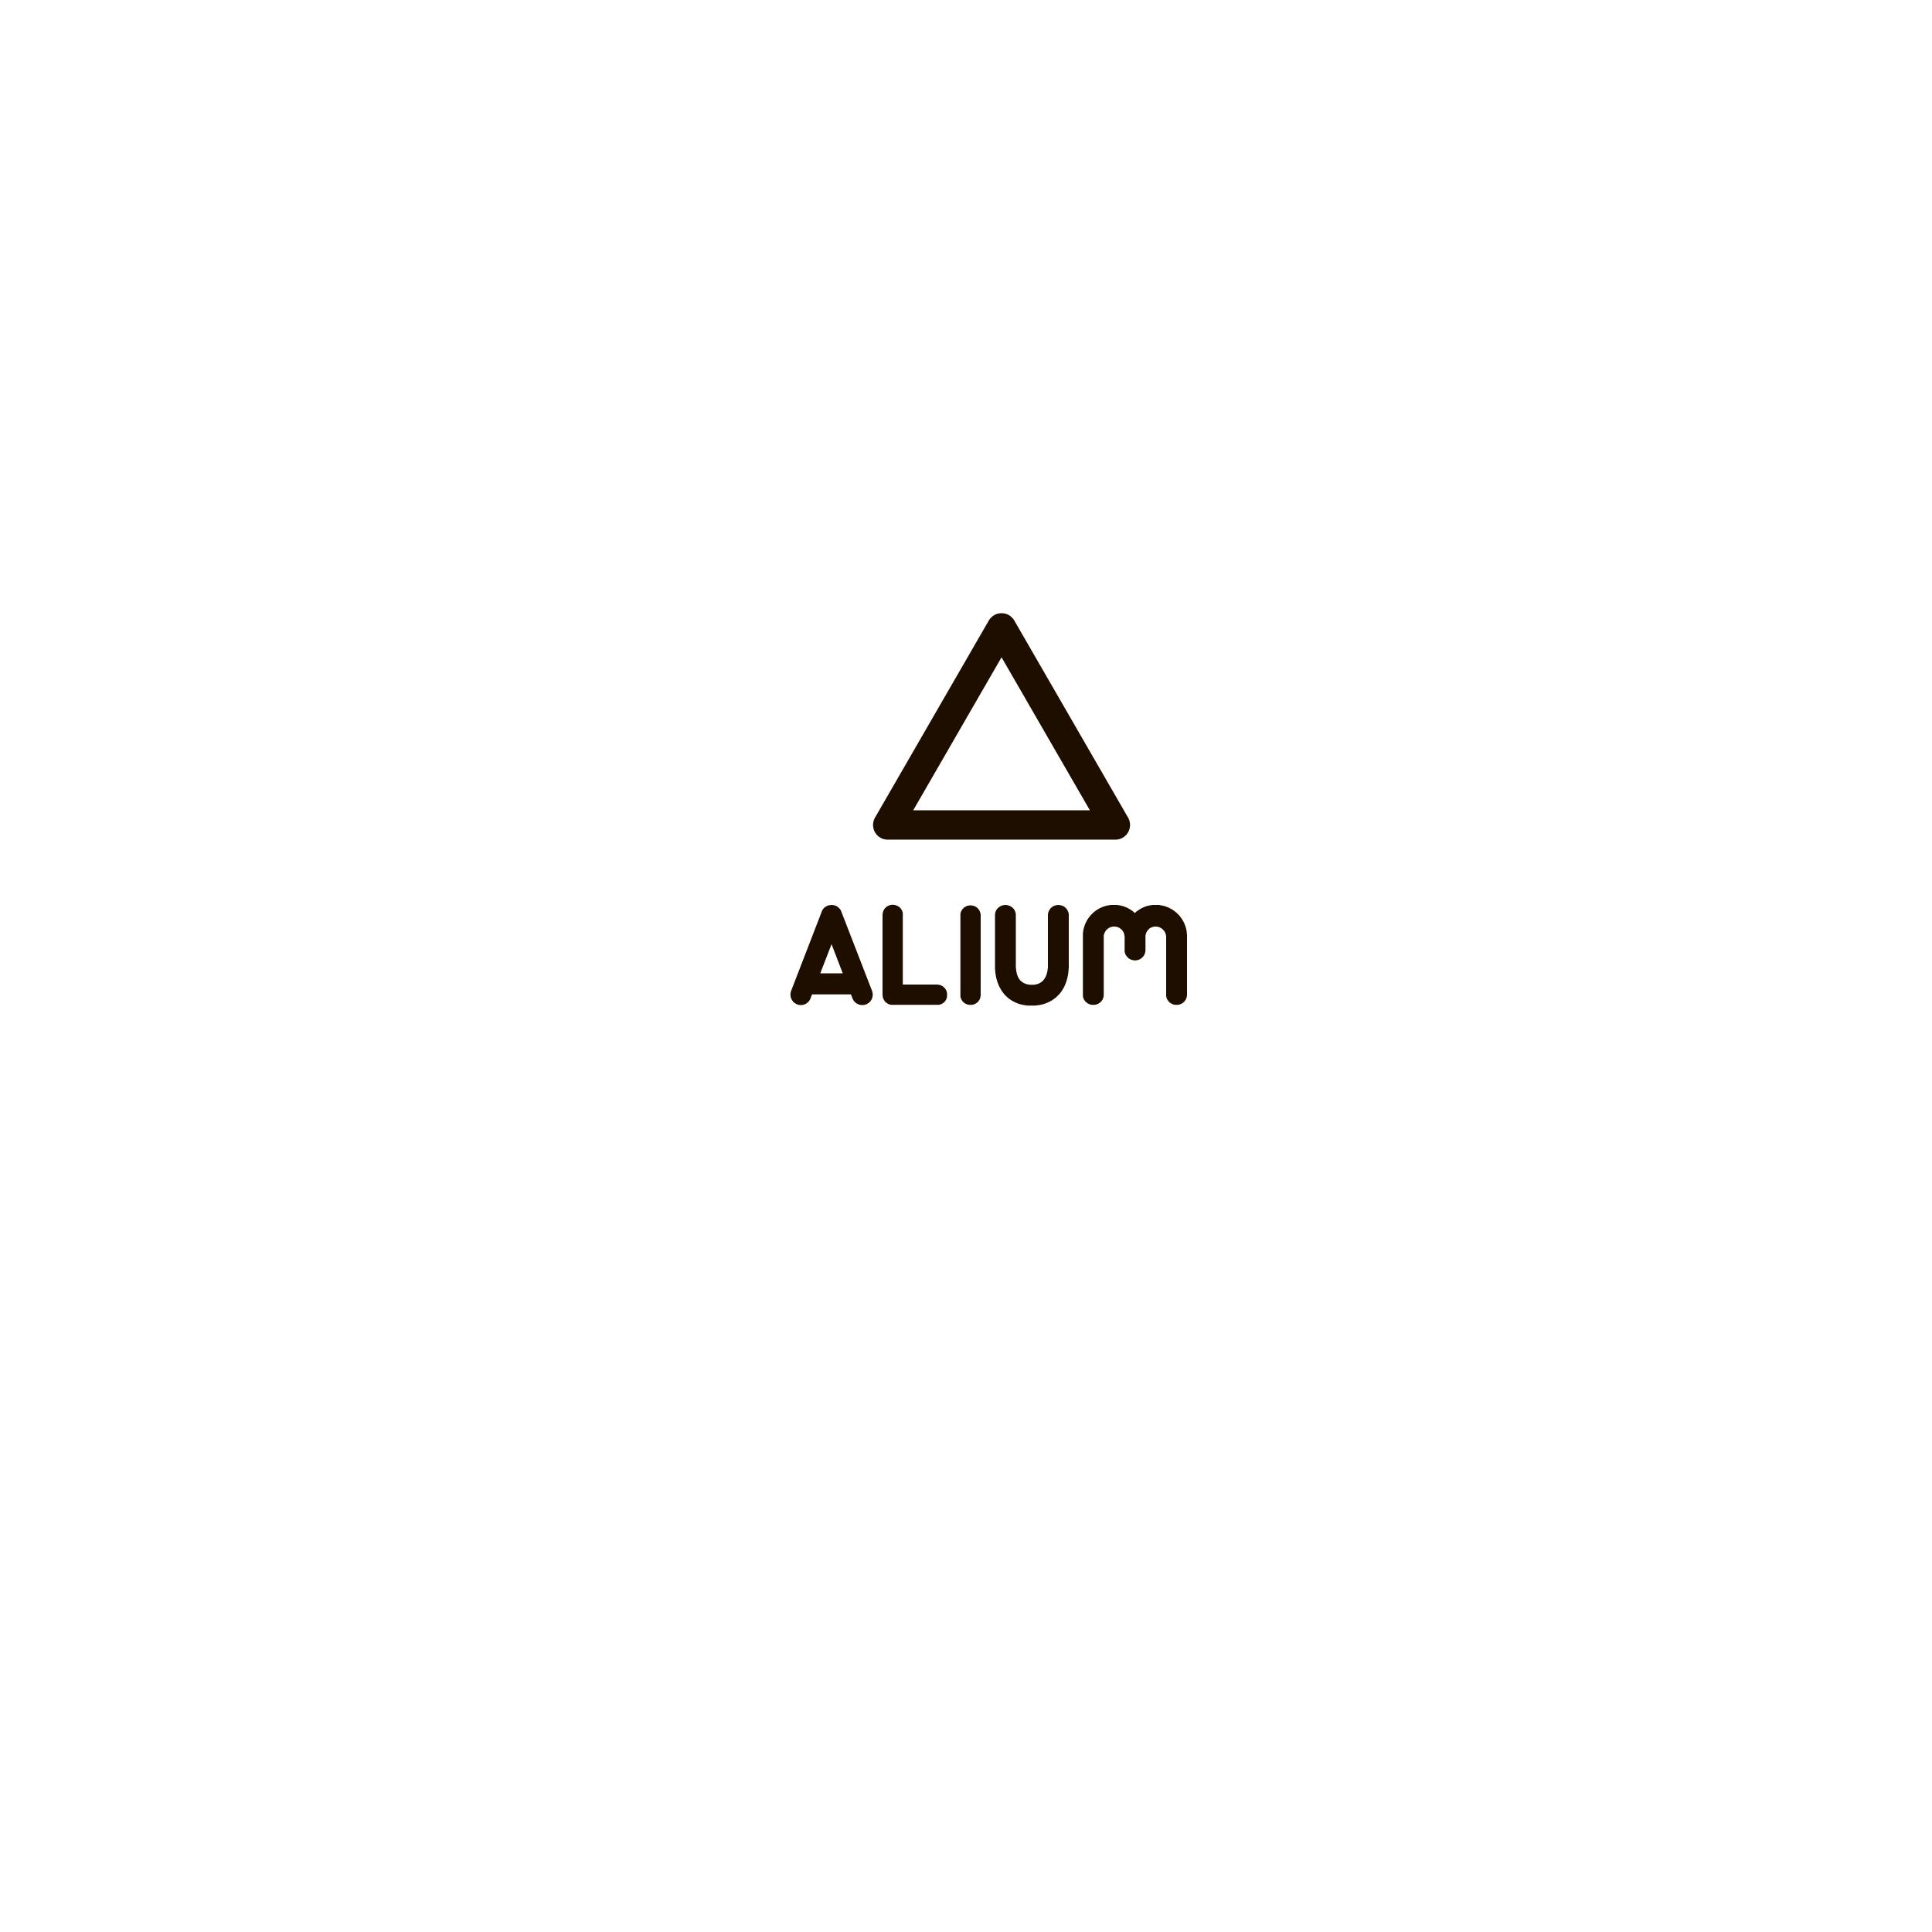 Логотип для дизайн студии фото f_01459e3a99dd08fc.jpg